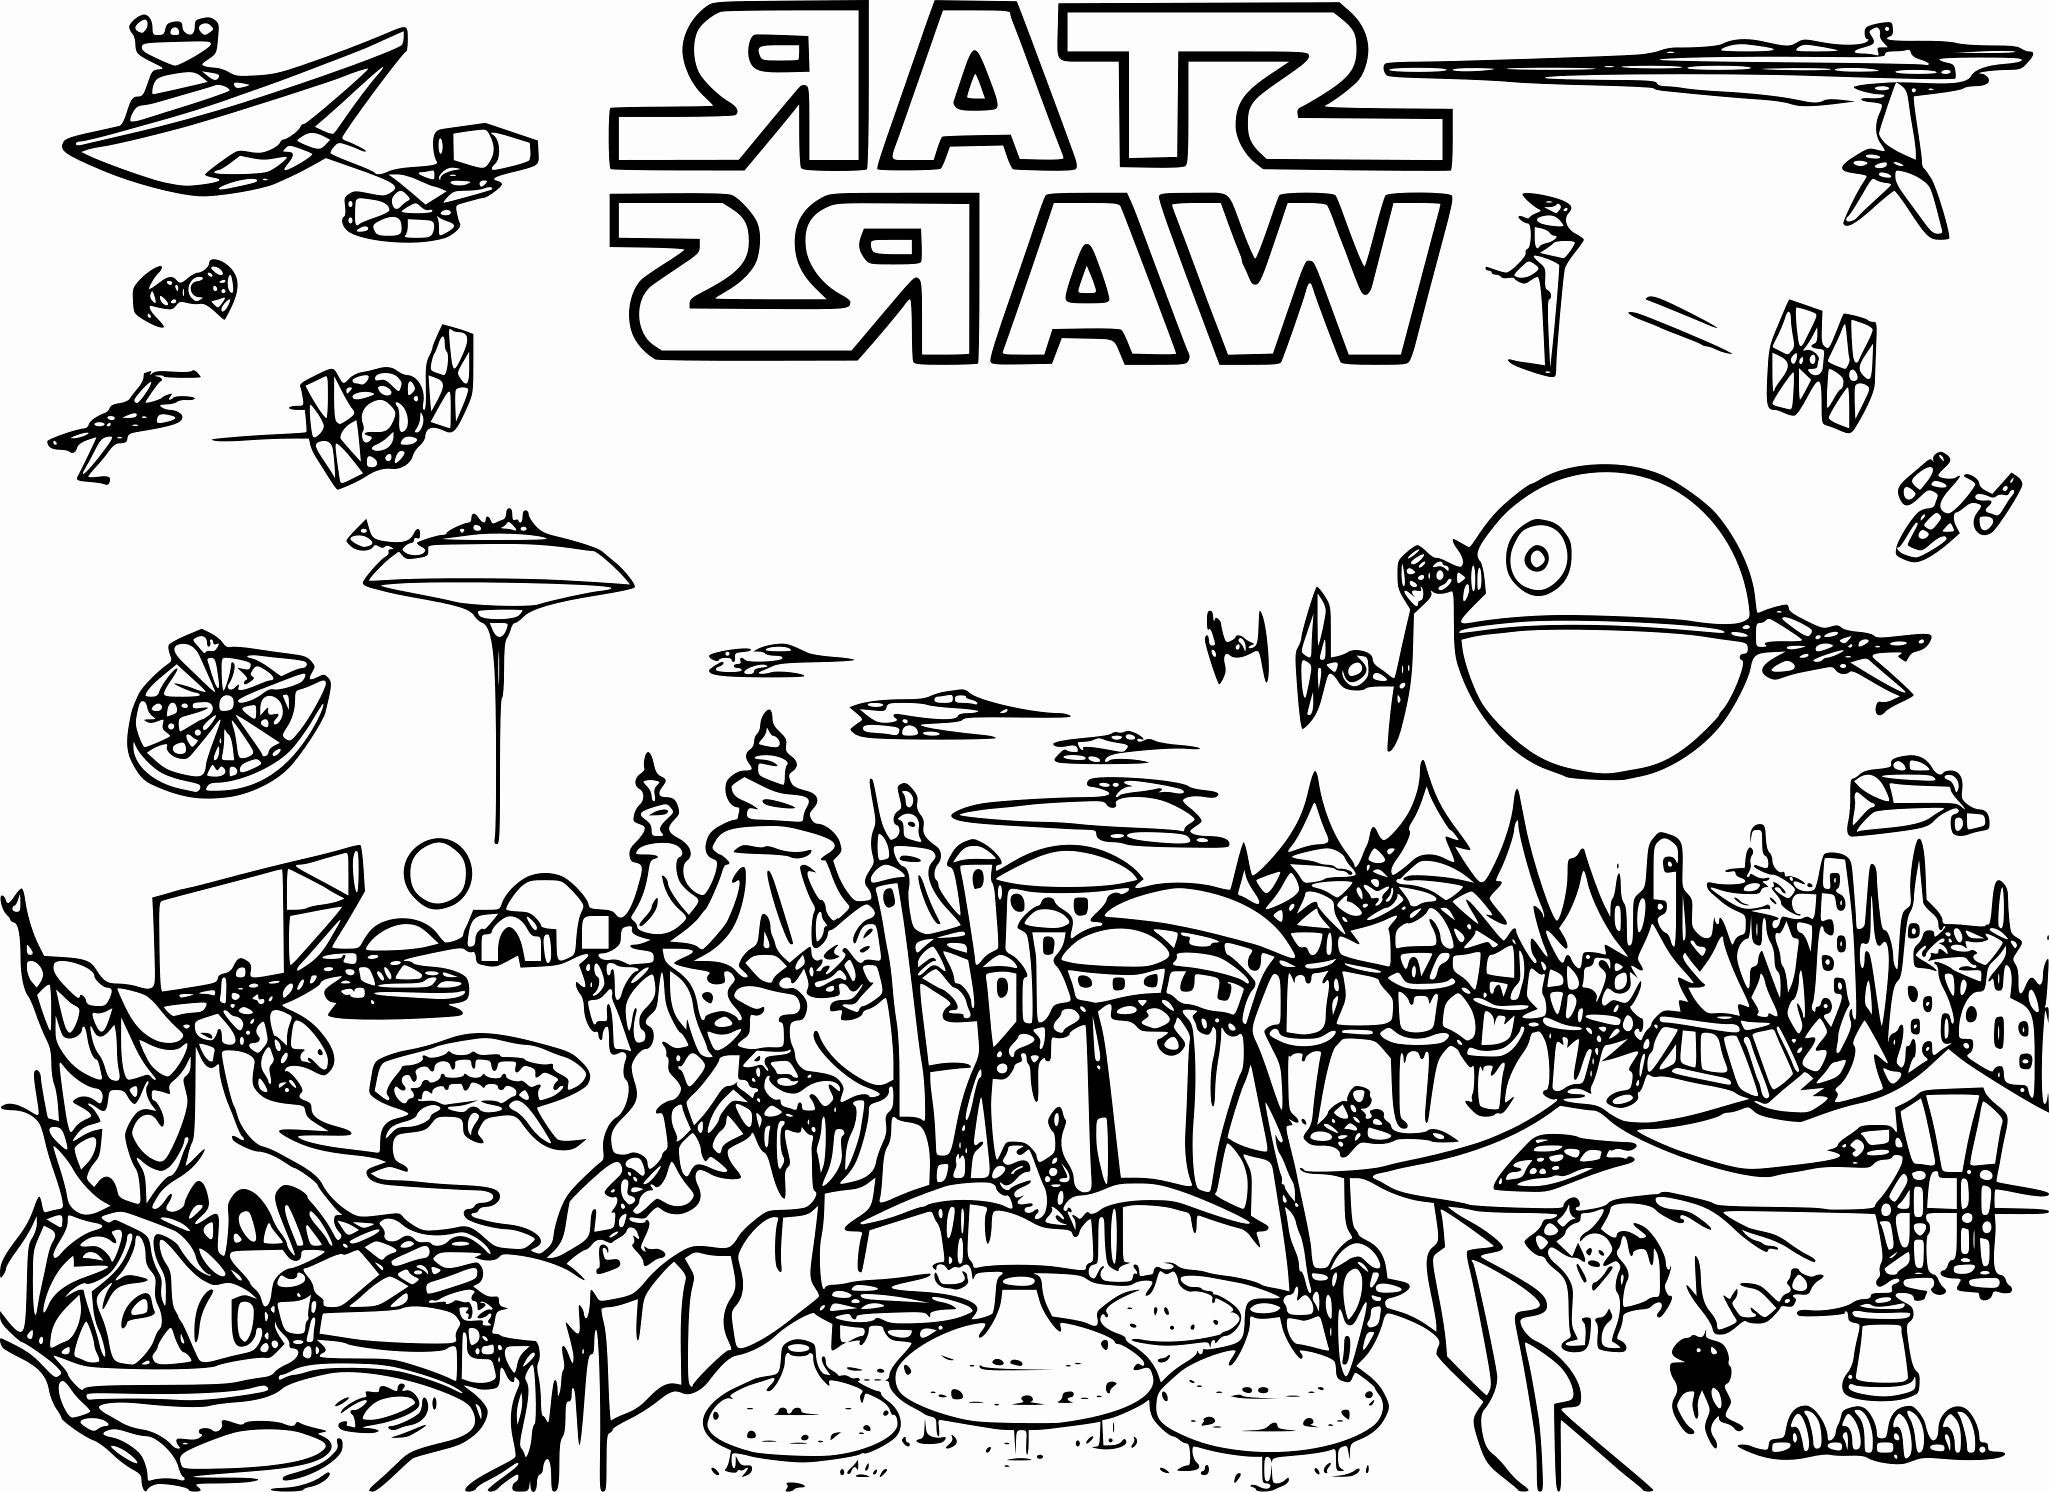 71 Unique Images De Coloriage A Imprimer Star Wars Gratuit concernant Coloriage Star Wars À Imprimer Gratuit